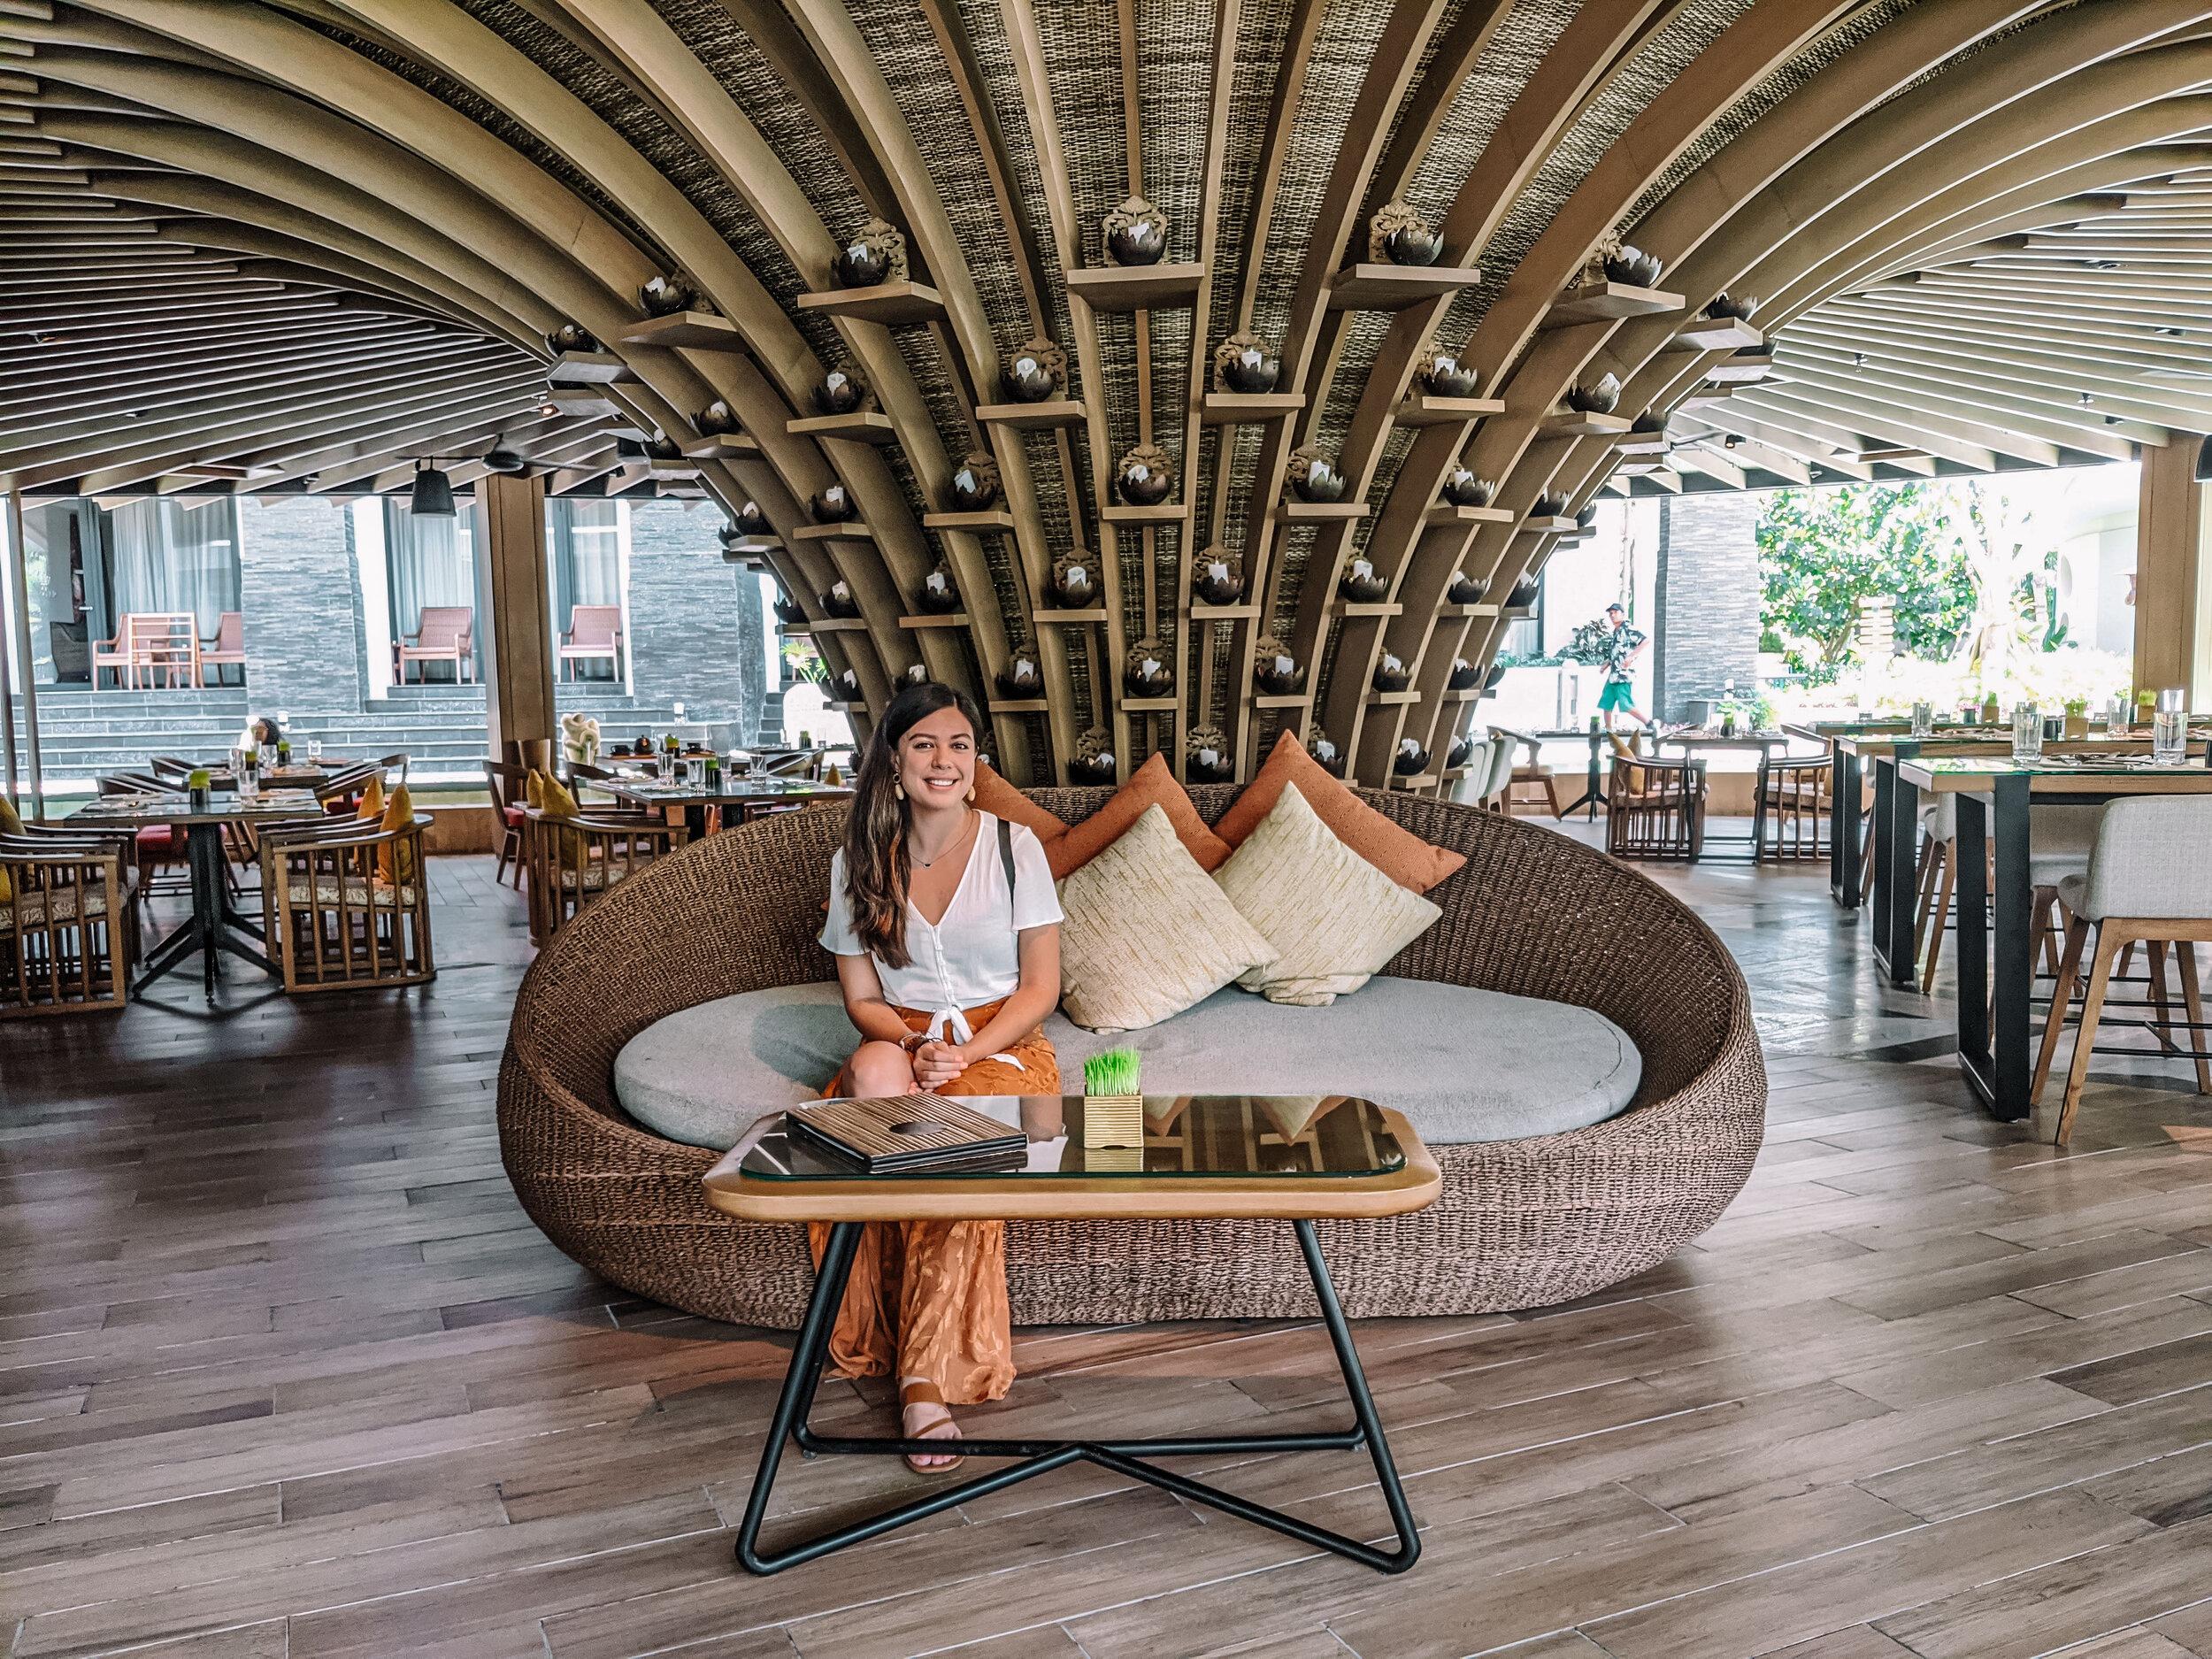 Rachel Off Duty: Woman in a Resort in Nusa Dua, Bali